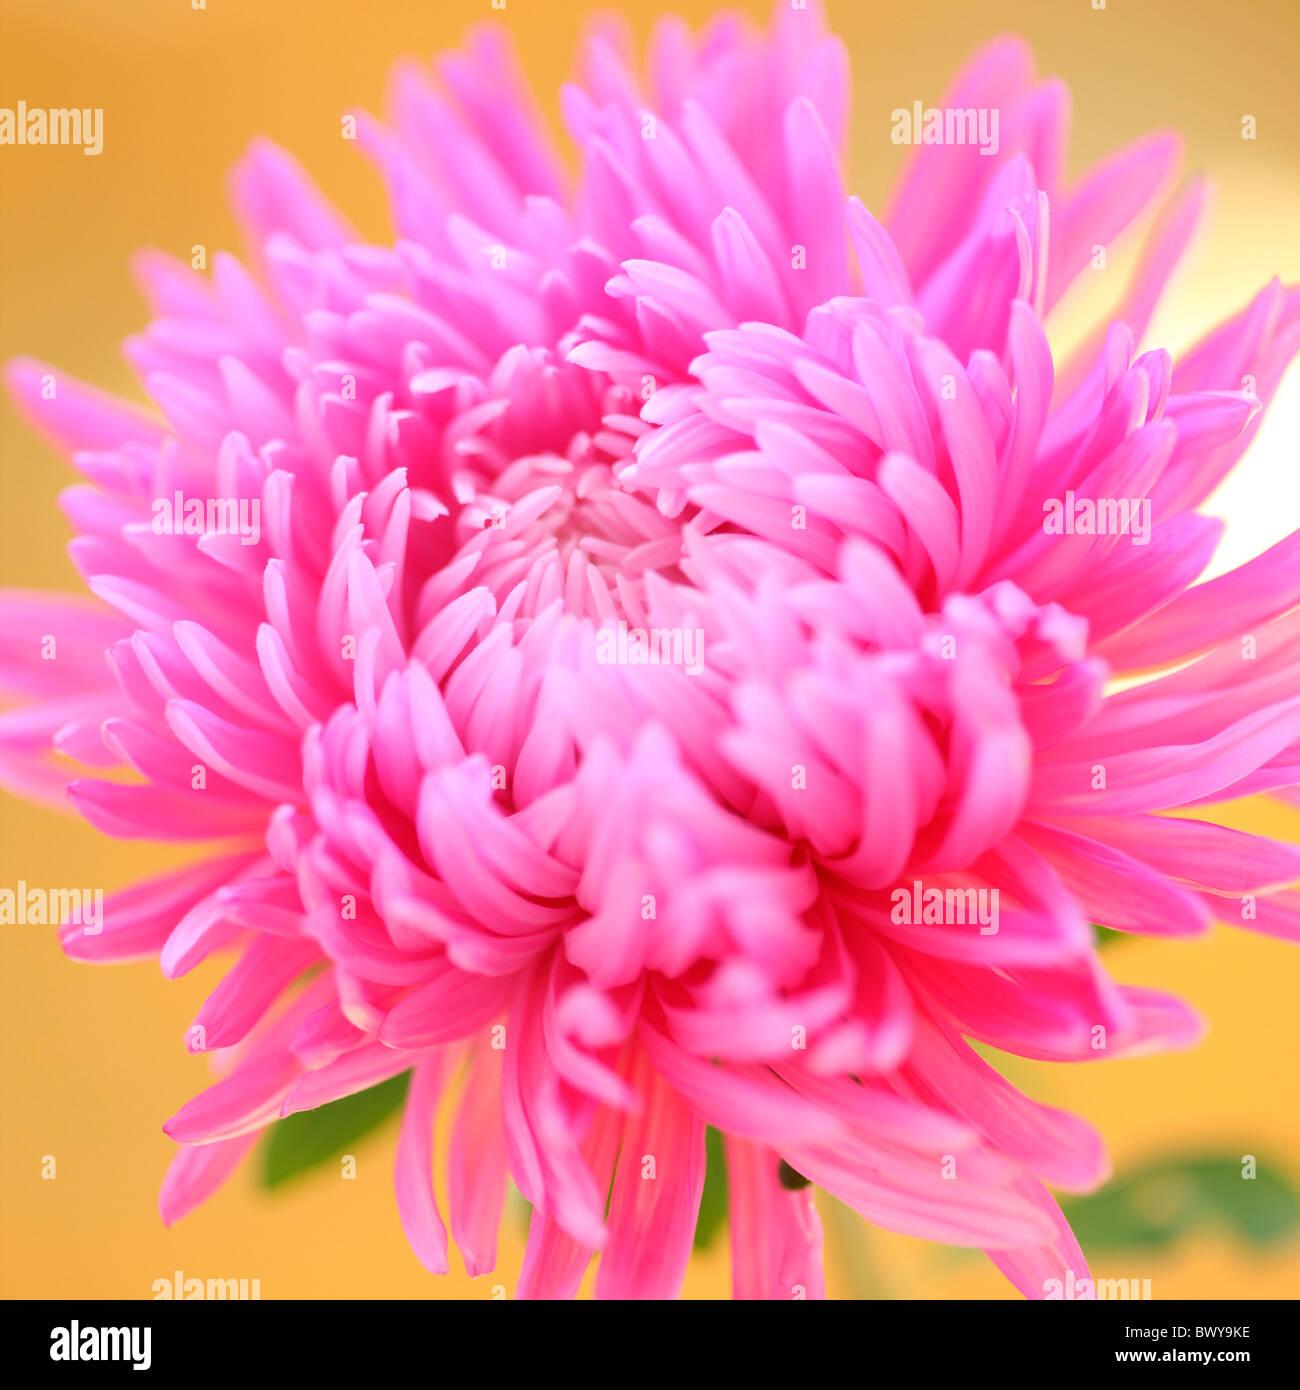 striking pink aster bloom Jane-Ann Butler Photography JABP874 - Stock Image